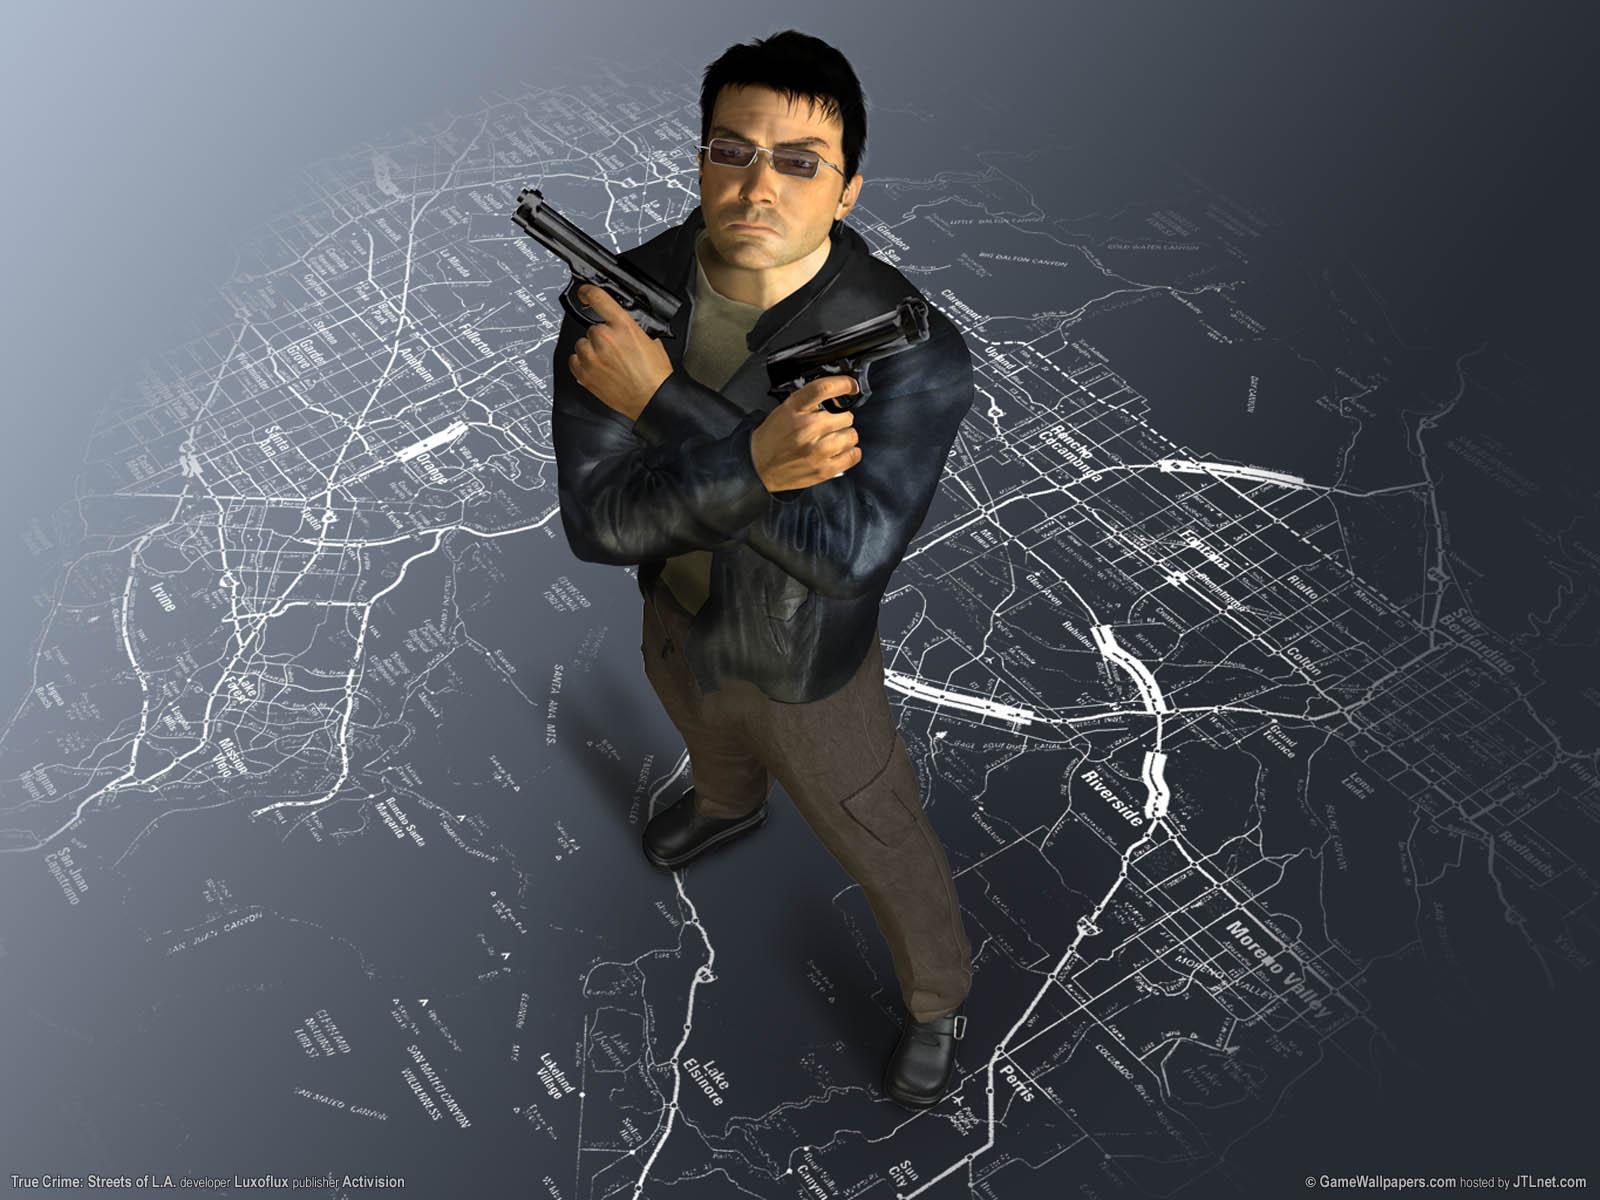 True Crime: Streets of L.A. wallpaper 02 1600x1200